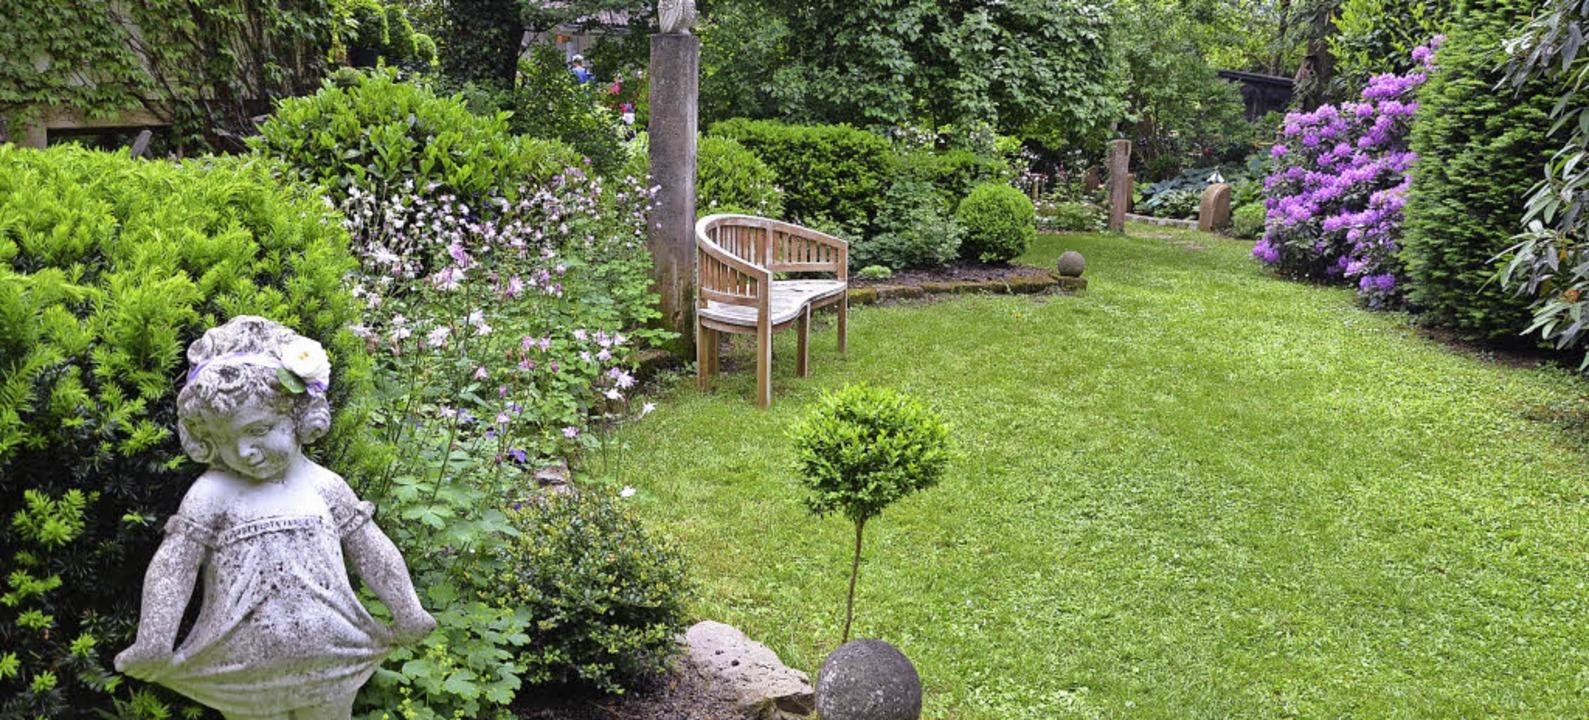 Gern besuchten Gartenliebhaber den Gar...nriette und Rudolf Brugger im Dammweg.  | Foto: Sarah Trinler